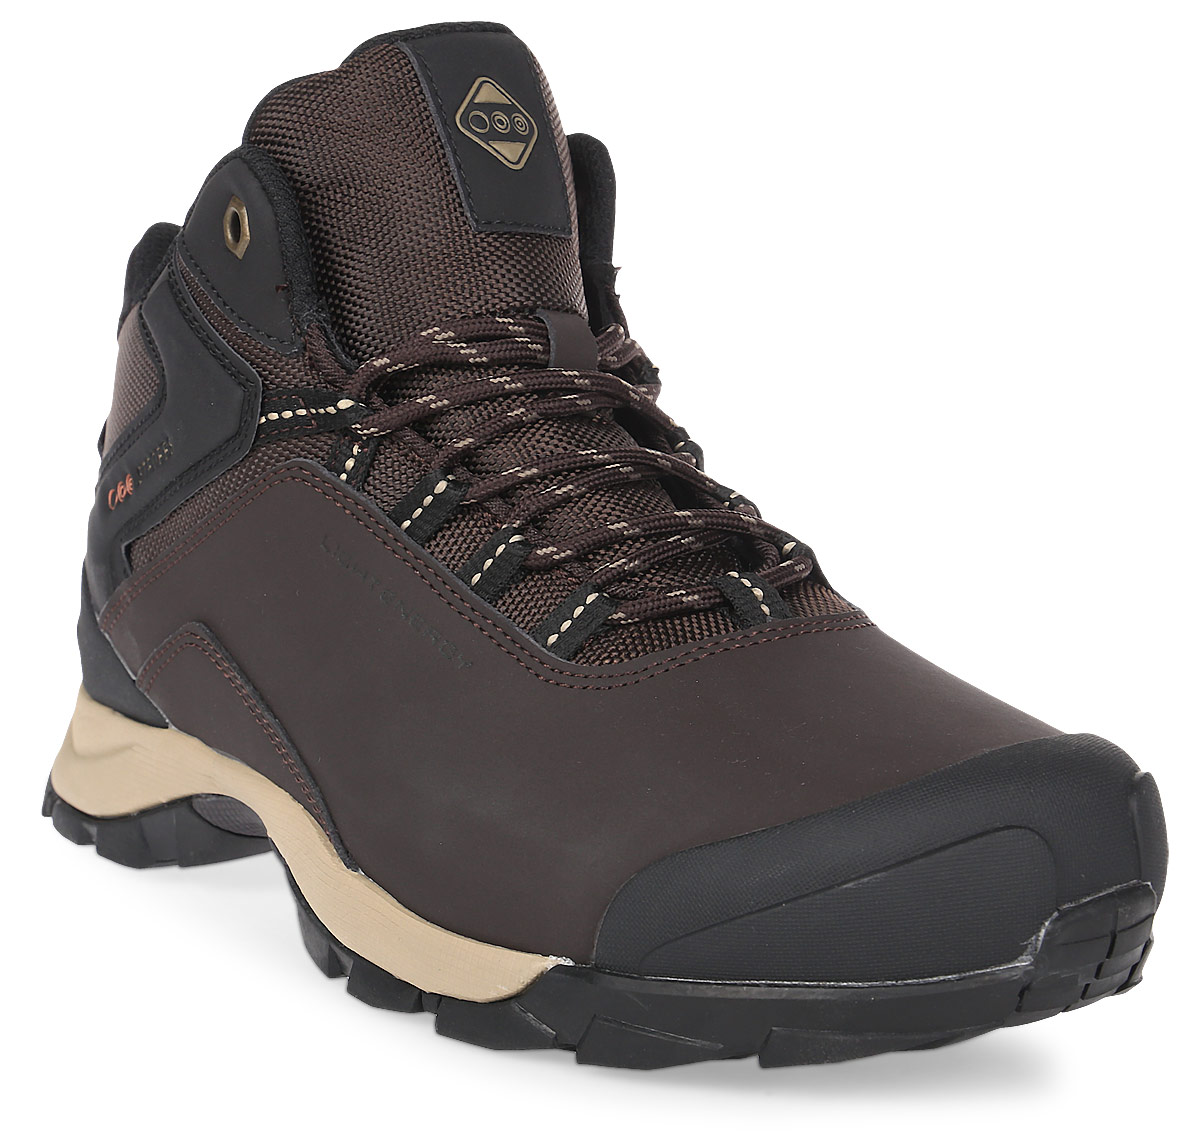 Купить Ботинки мужские Strobbs, цвет: темно-коричневый. C9095-17. Размер 42